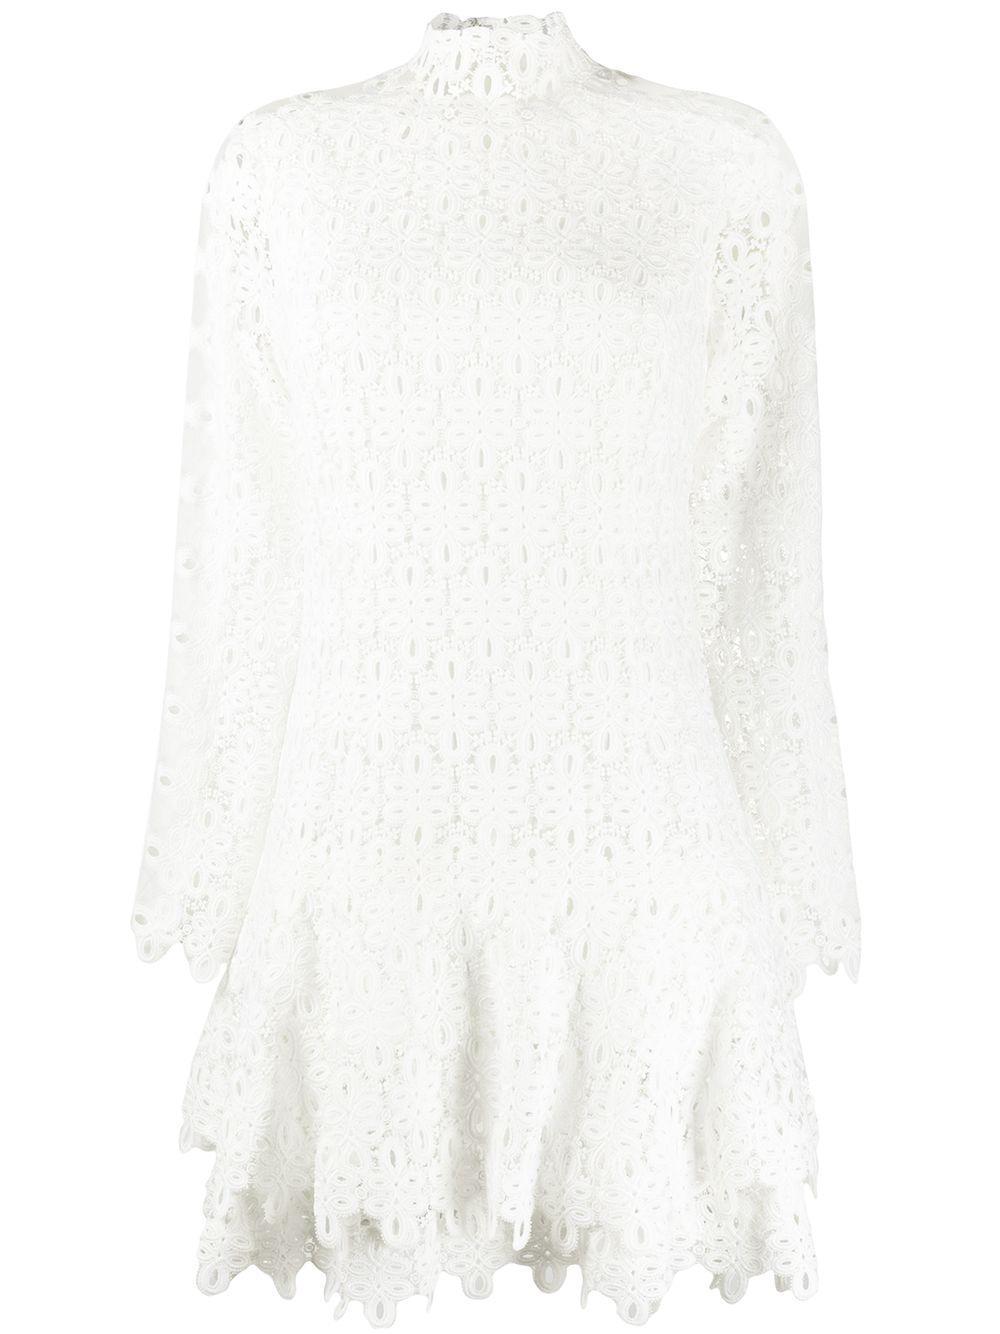 Gipure Lace Mini Dress Item # JS-1025-H